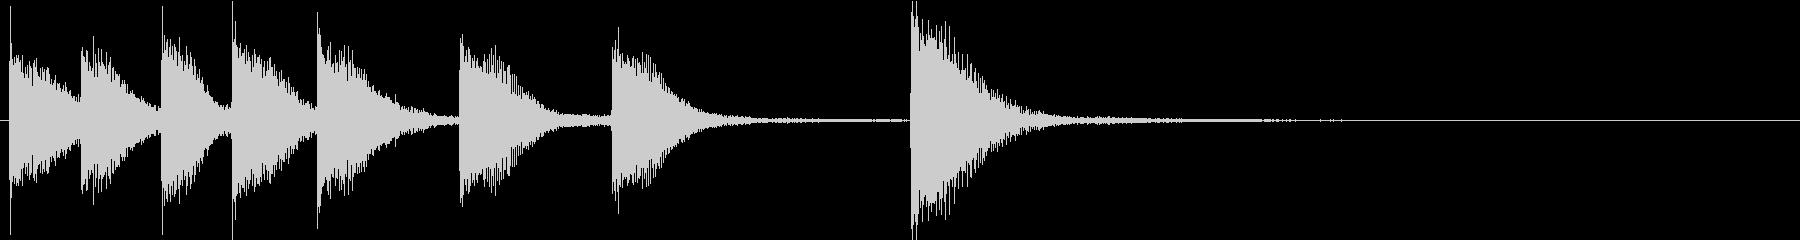 ピアノジングル 幼児向けアニメ系F-03の未再生の波形